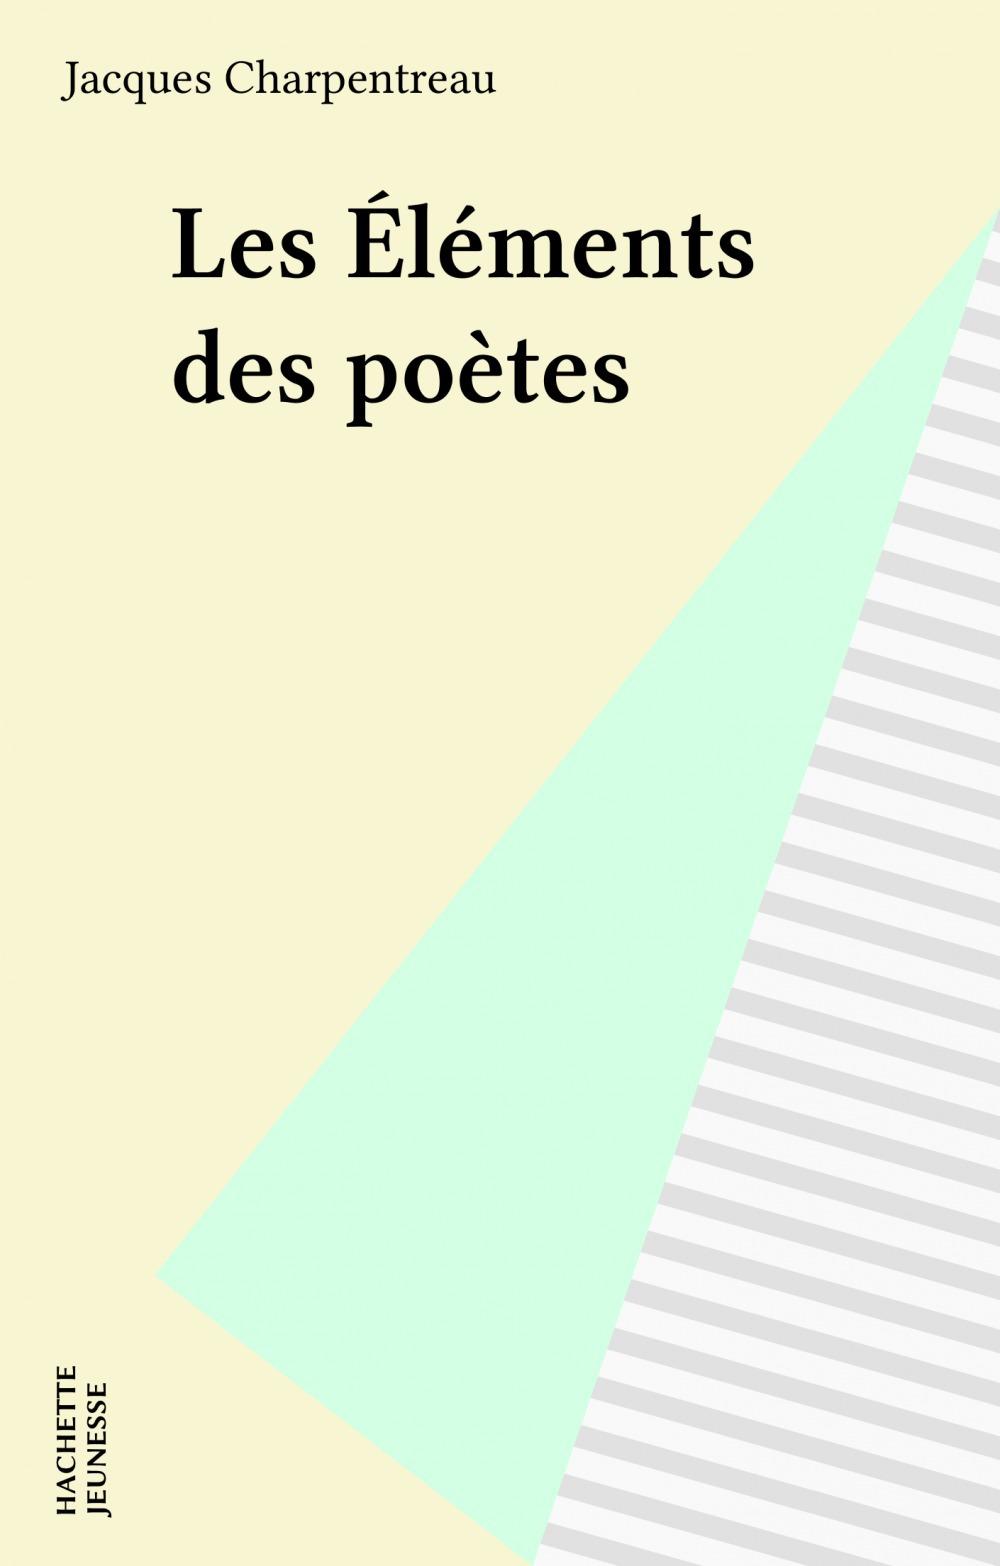 Les elements des poetes